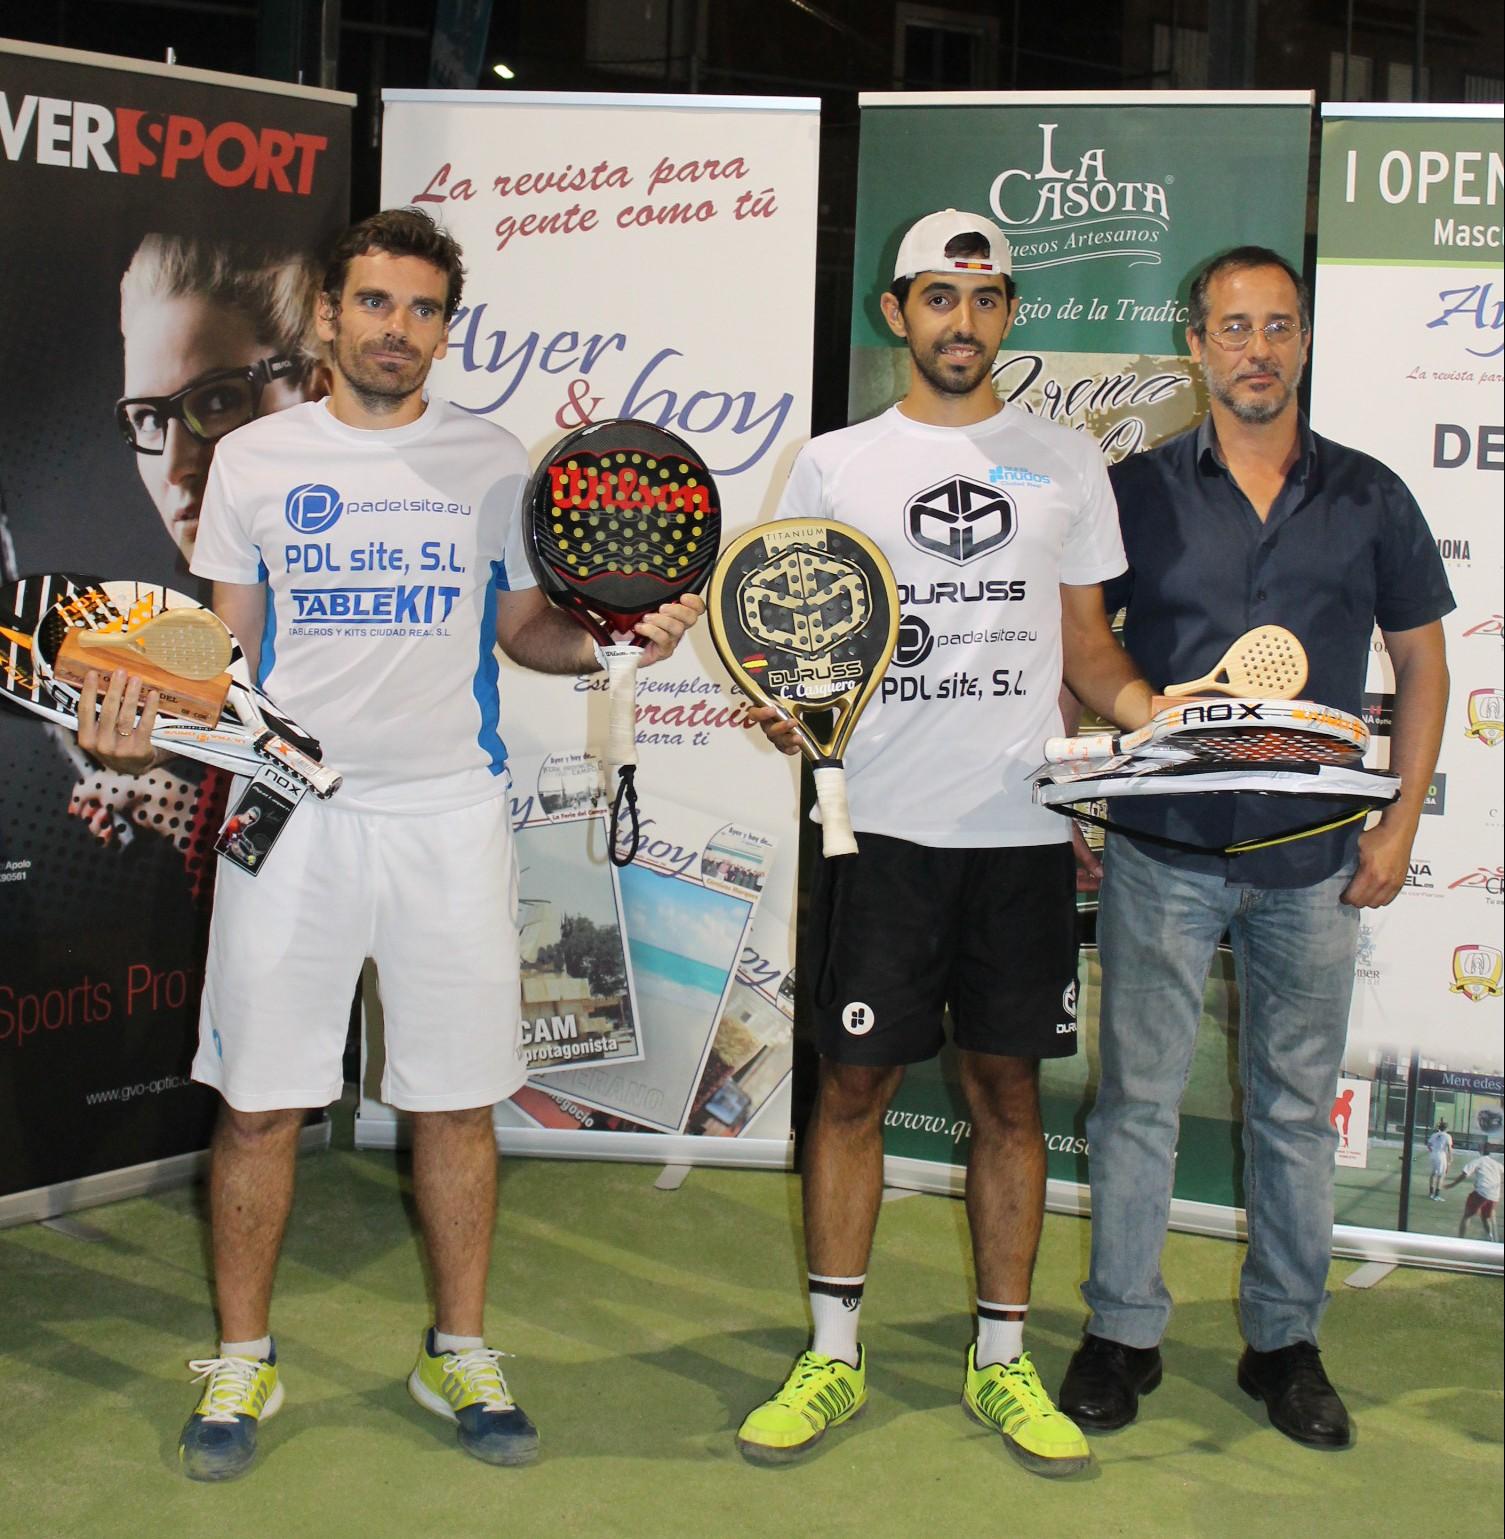 Open de pádel Ayer & hoy y Deycor Muebles -04 campeones masculinos entrega trofeos Lus Alberto Lara Alcalde de Poblete